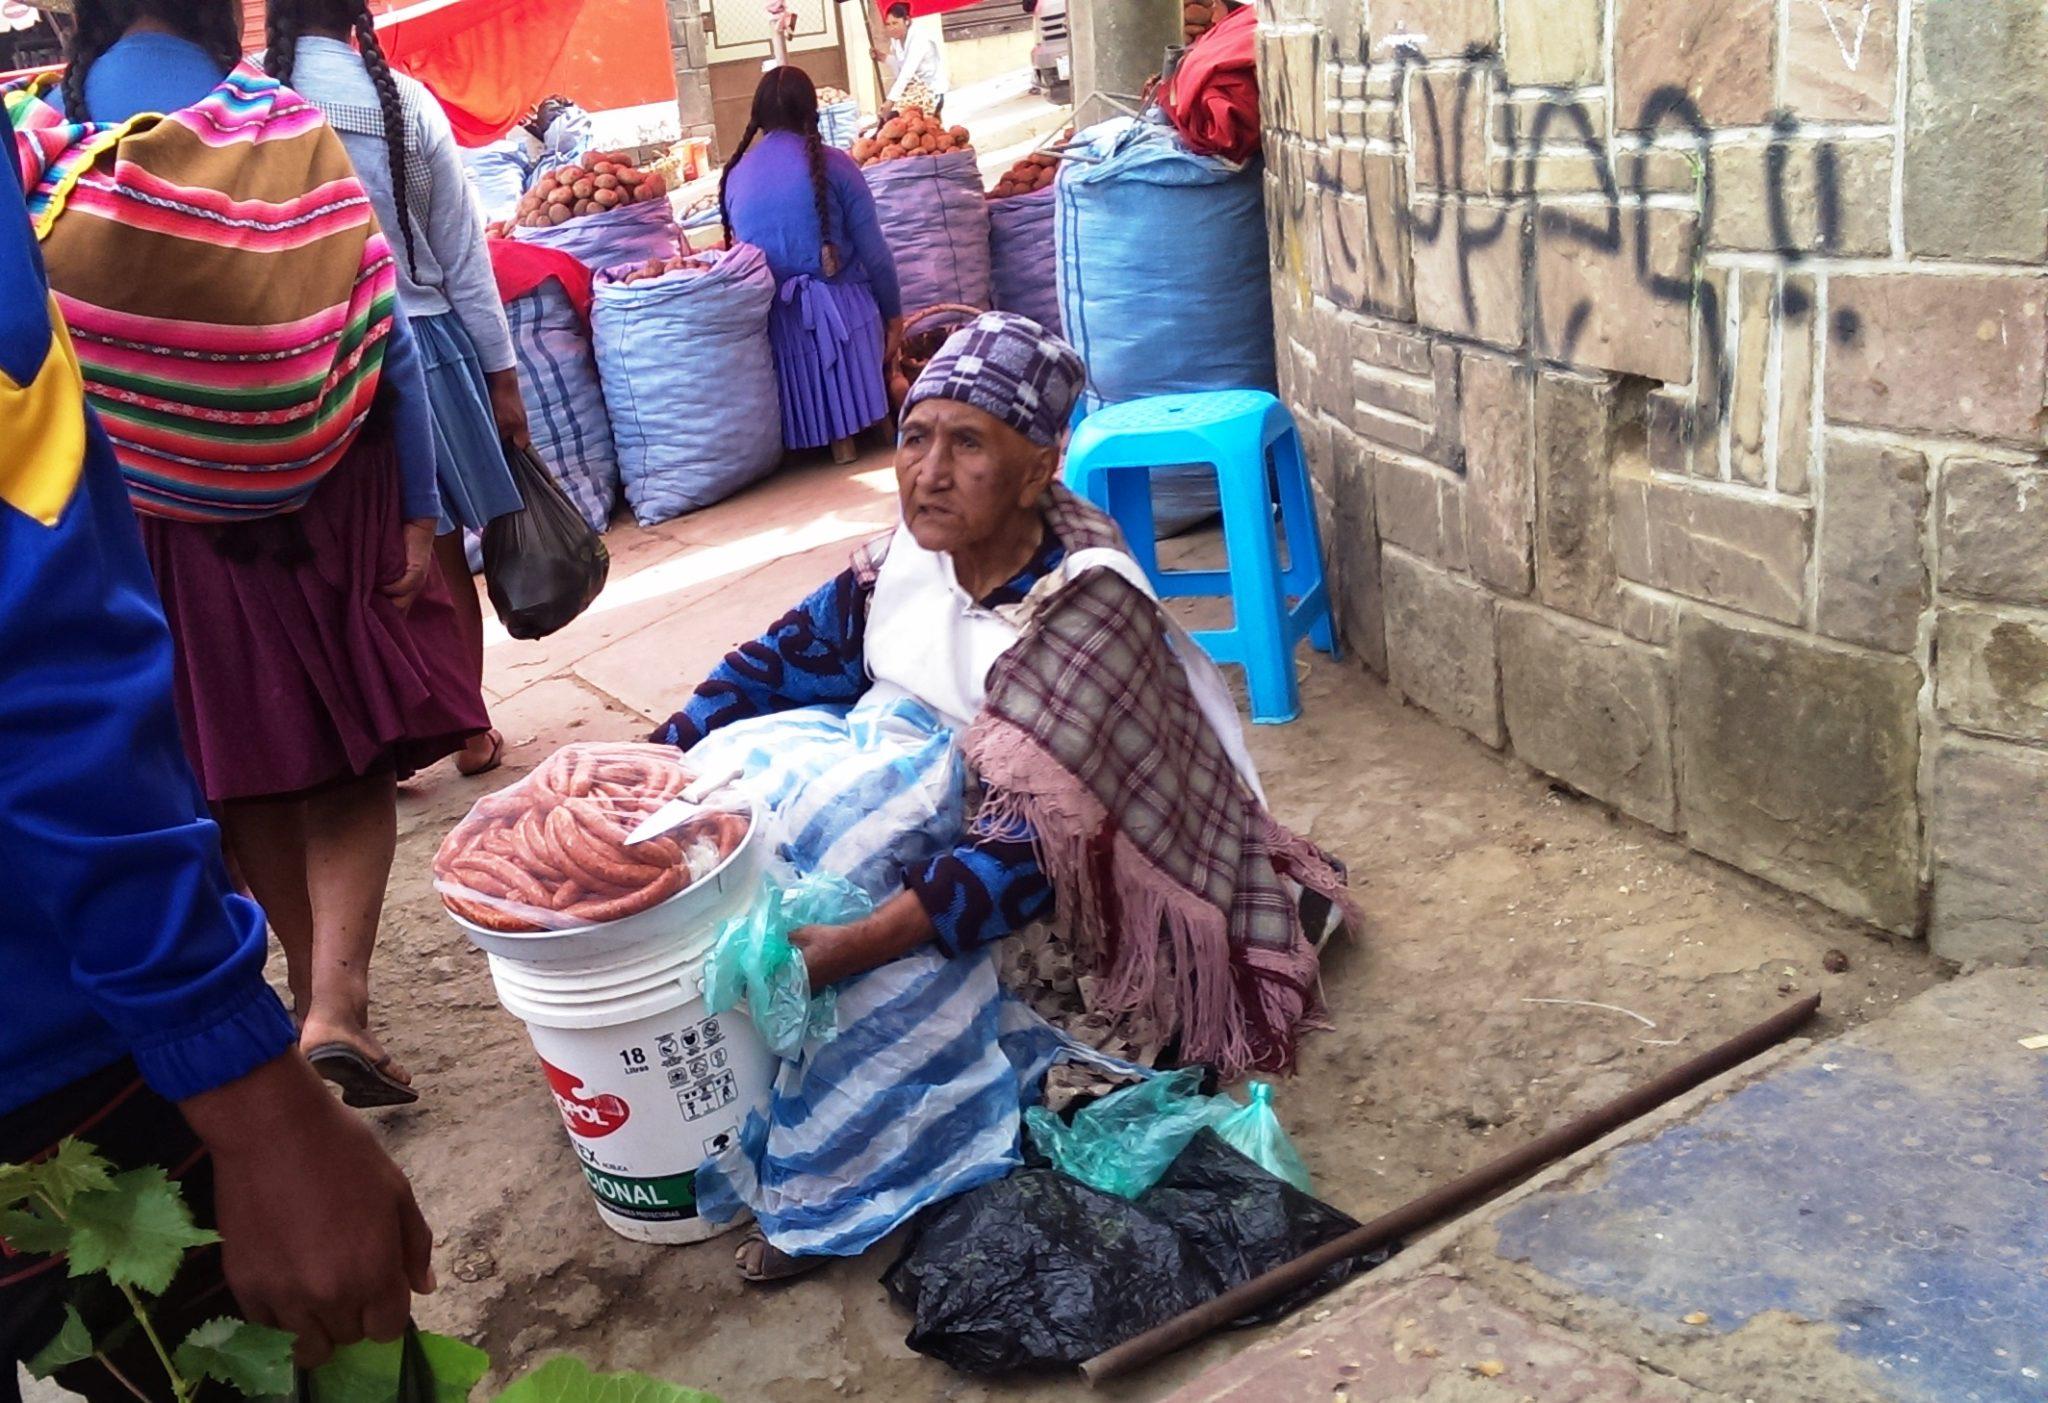 Na rynku w Cochabambie